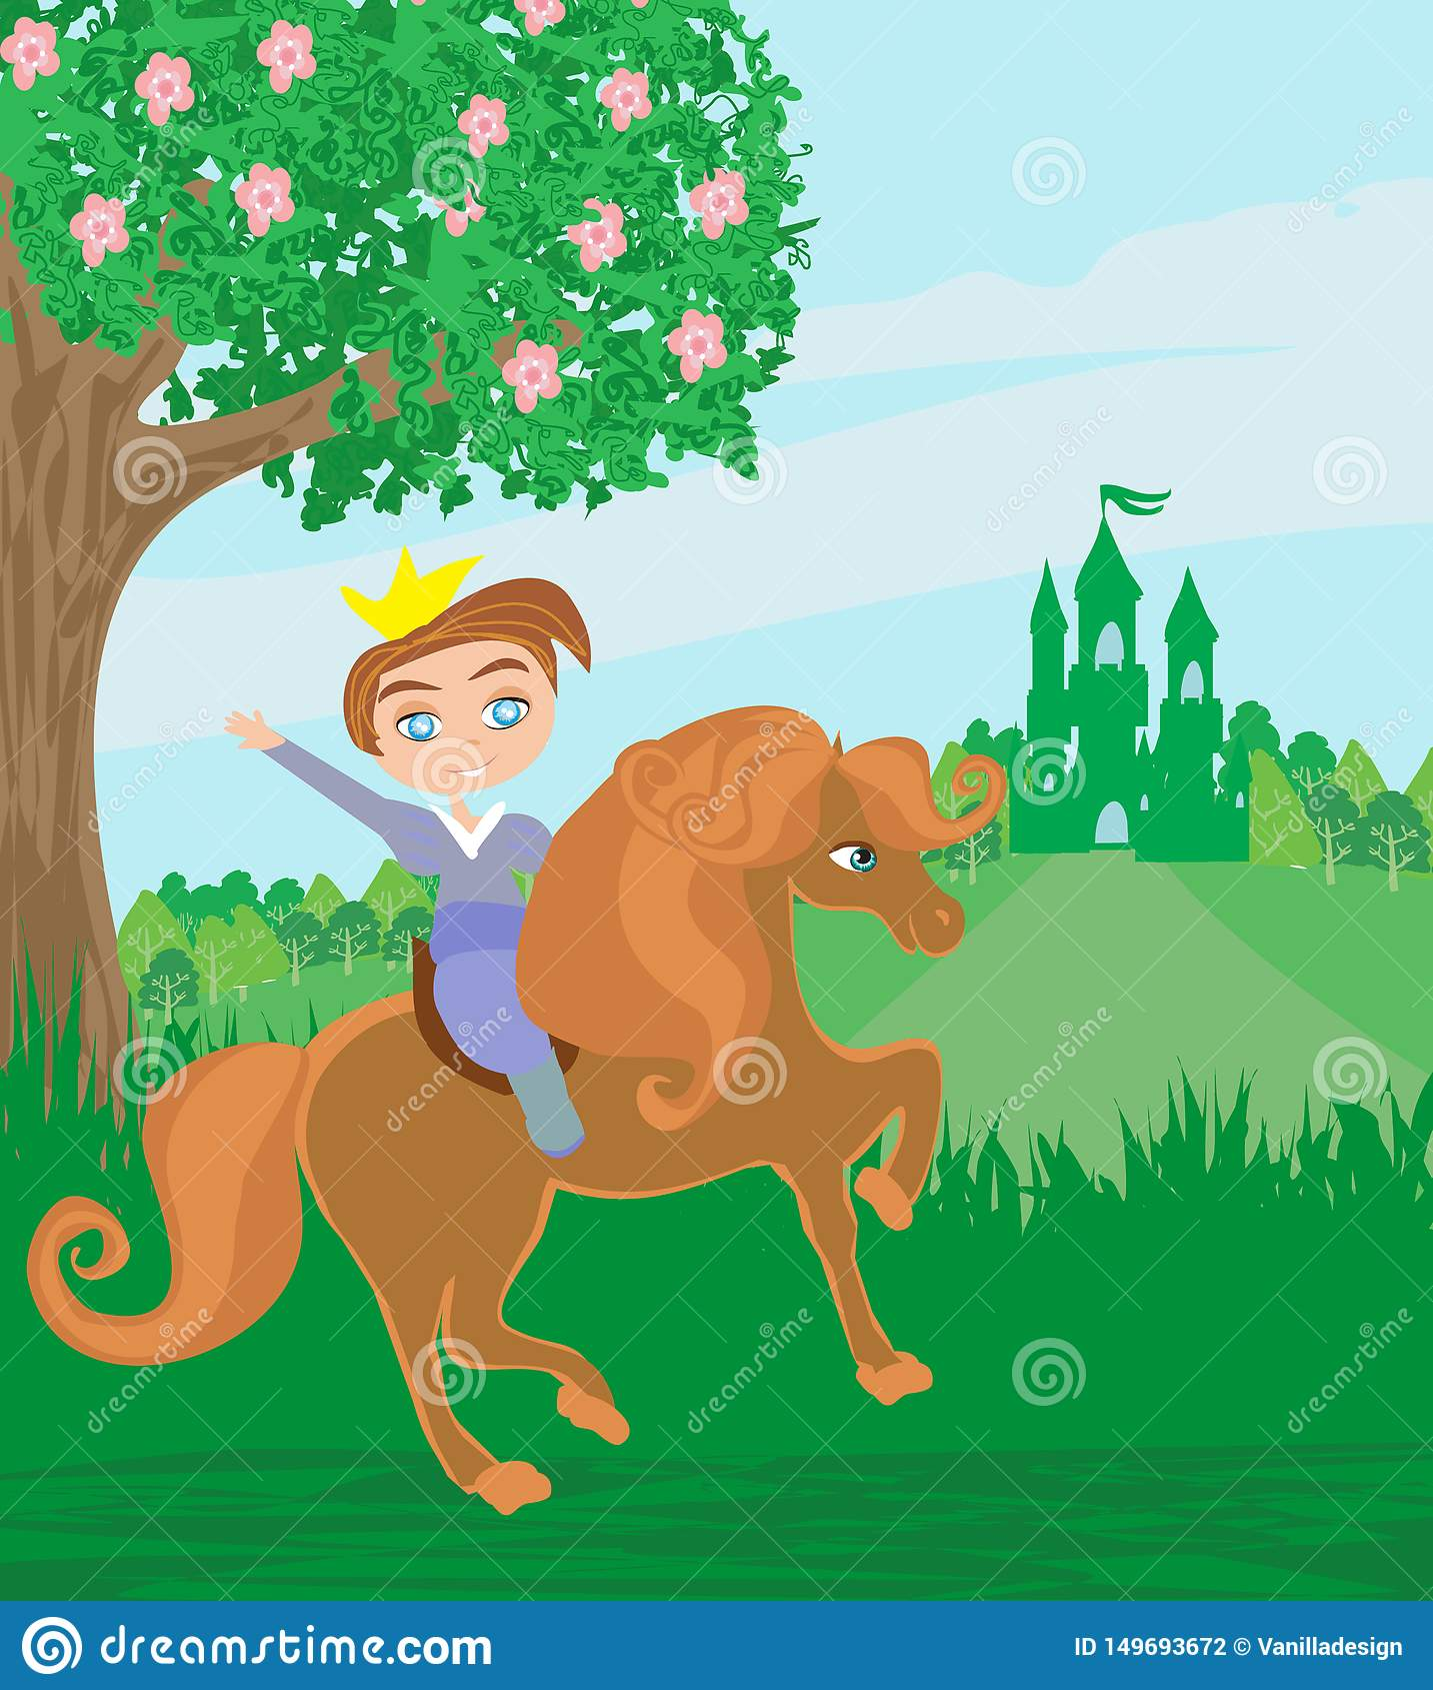 kleine prinzessin auf pferd vektor abbildung